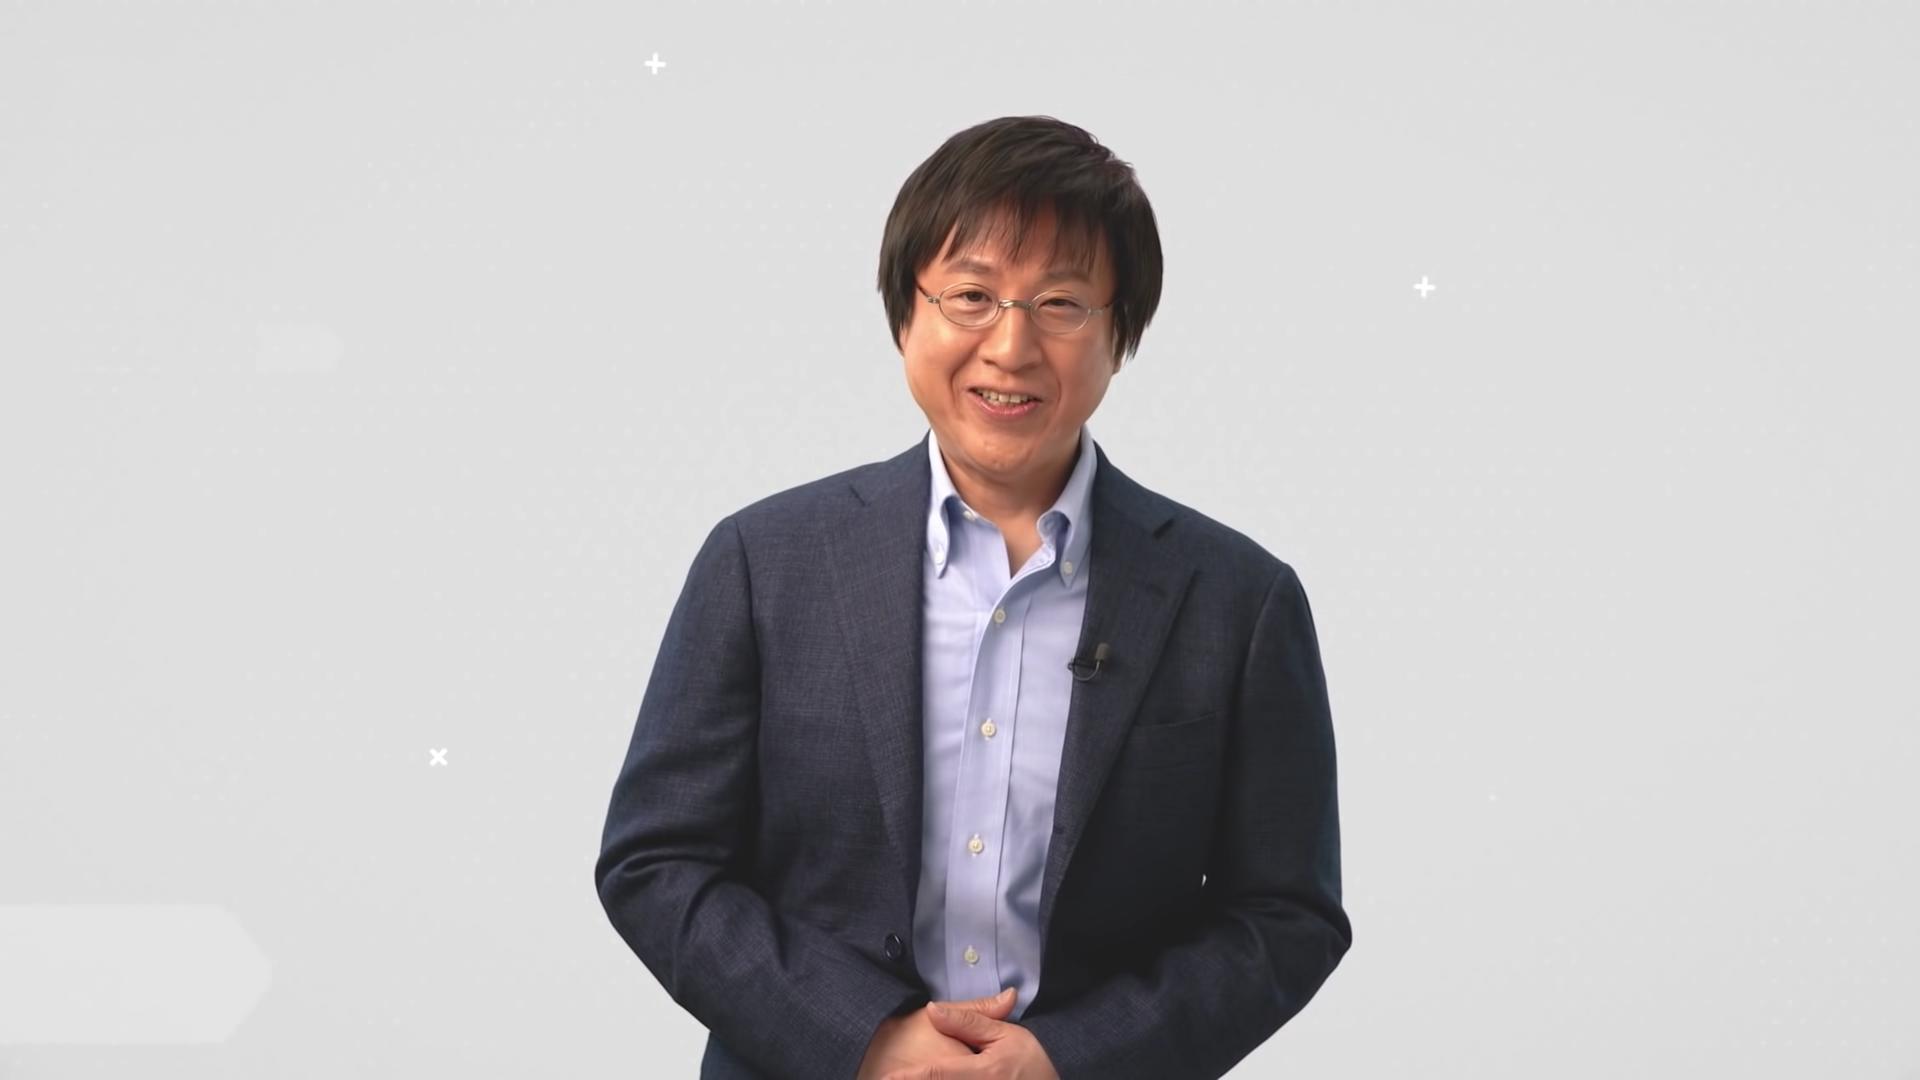 En el E3 2019, Shinya Takahashi de Nintendo adelantó la secuela de The Legend of Zelda: Breath of the Wild con ese emocionante y espeluznante tráiler.